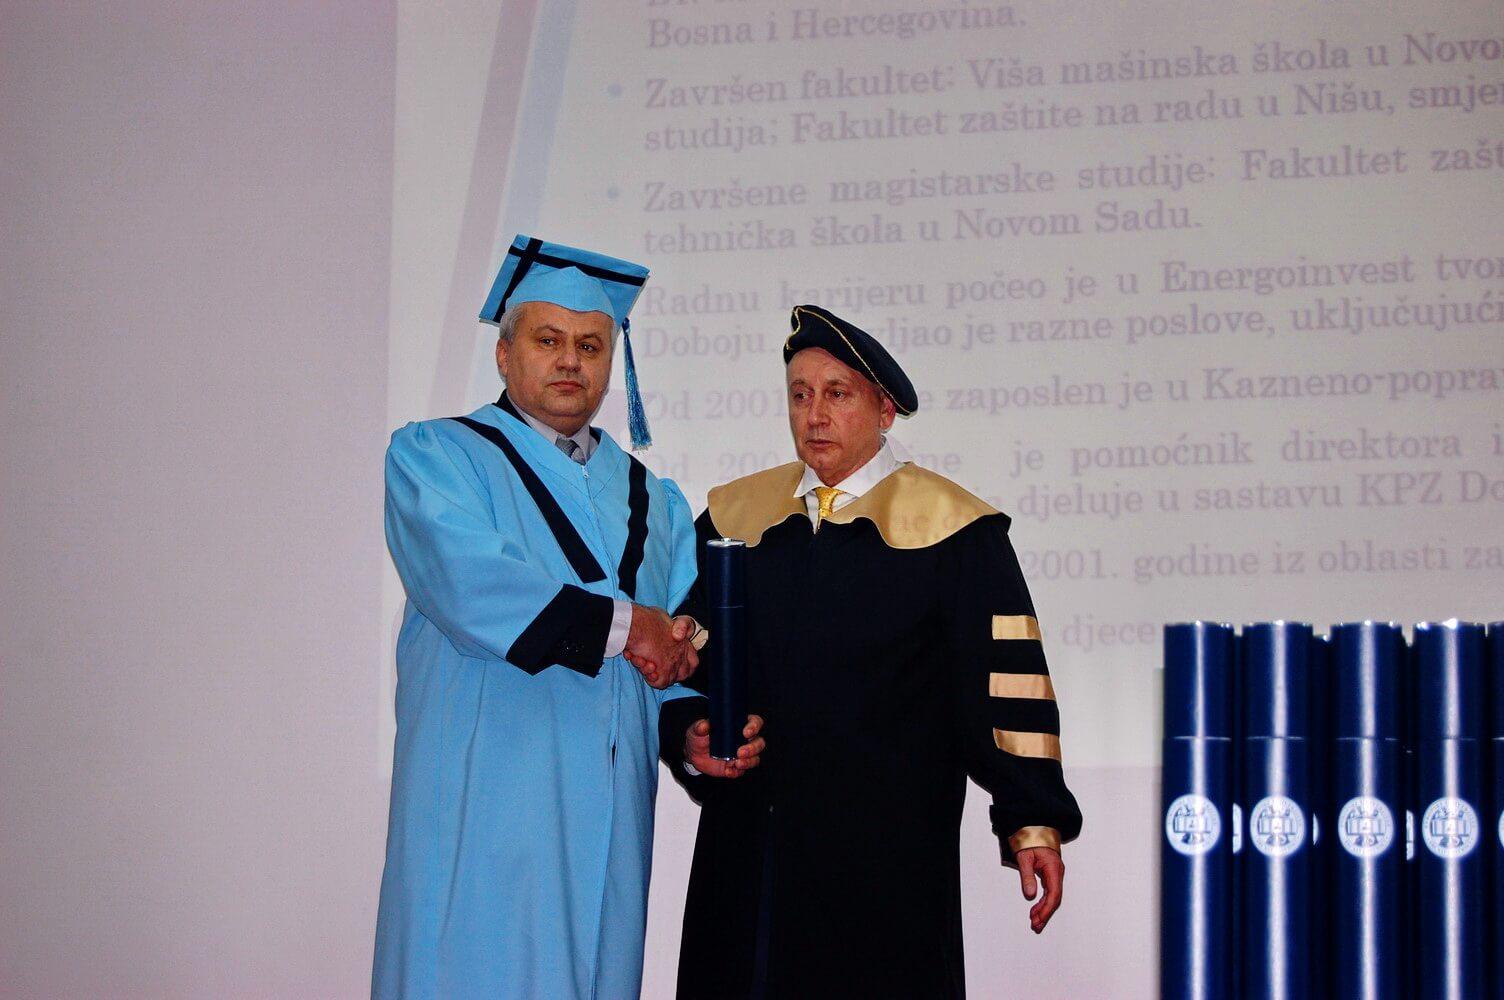 Dan Univerziteta 2020 88